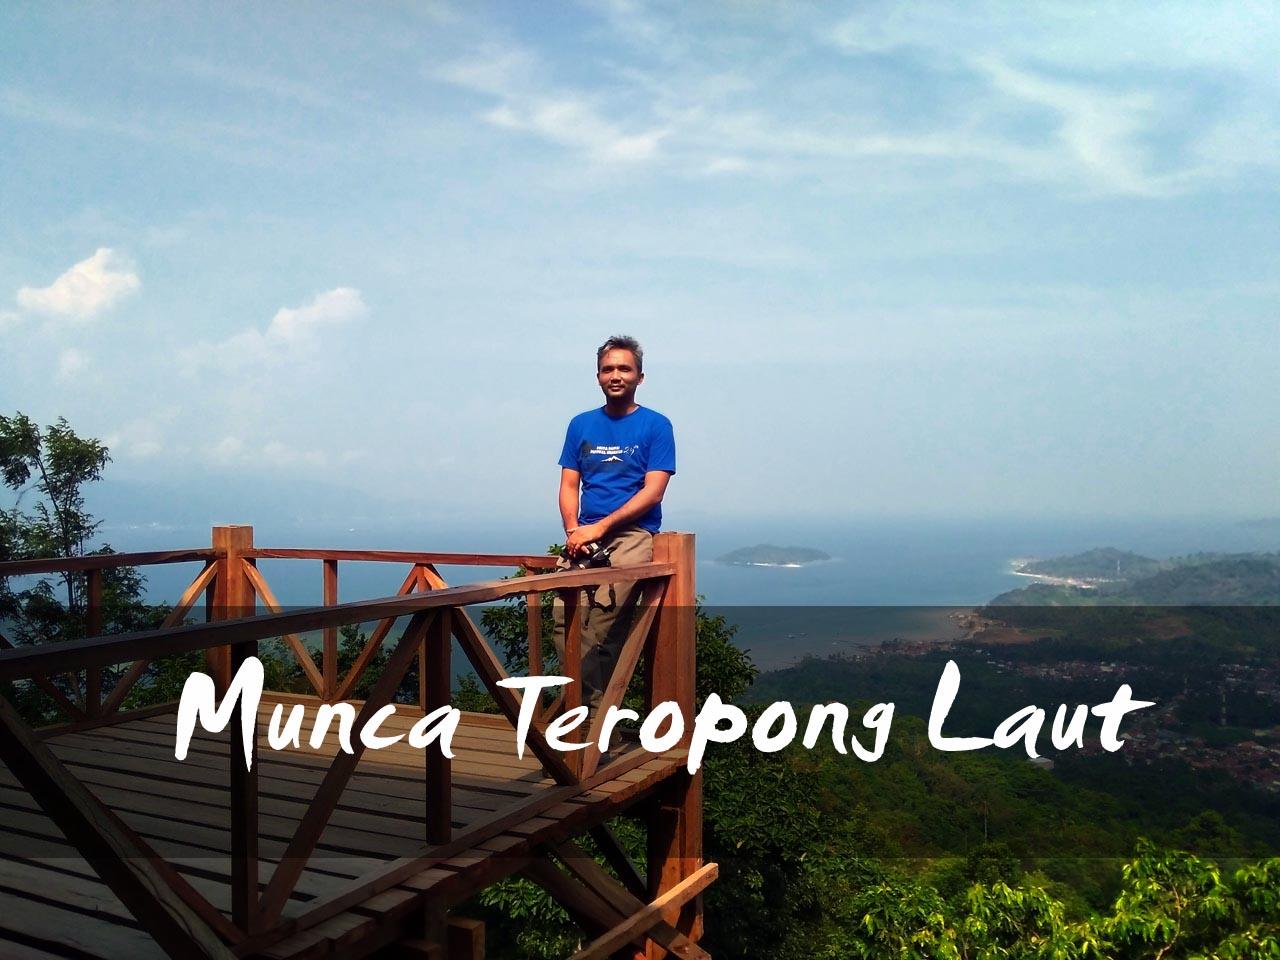 Munca Teropong Laut - Munca Lampung - Muncak Tirtayasa